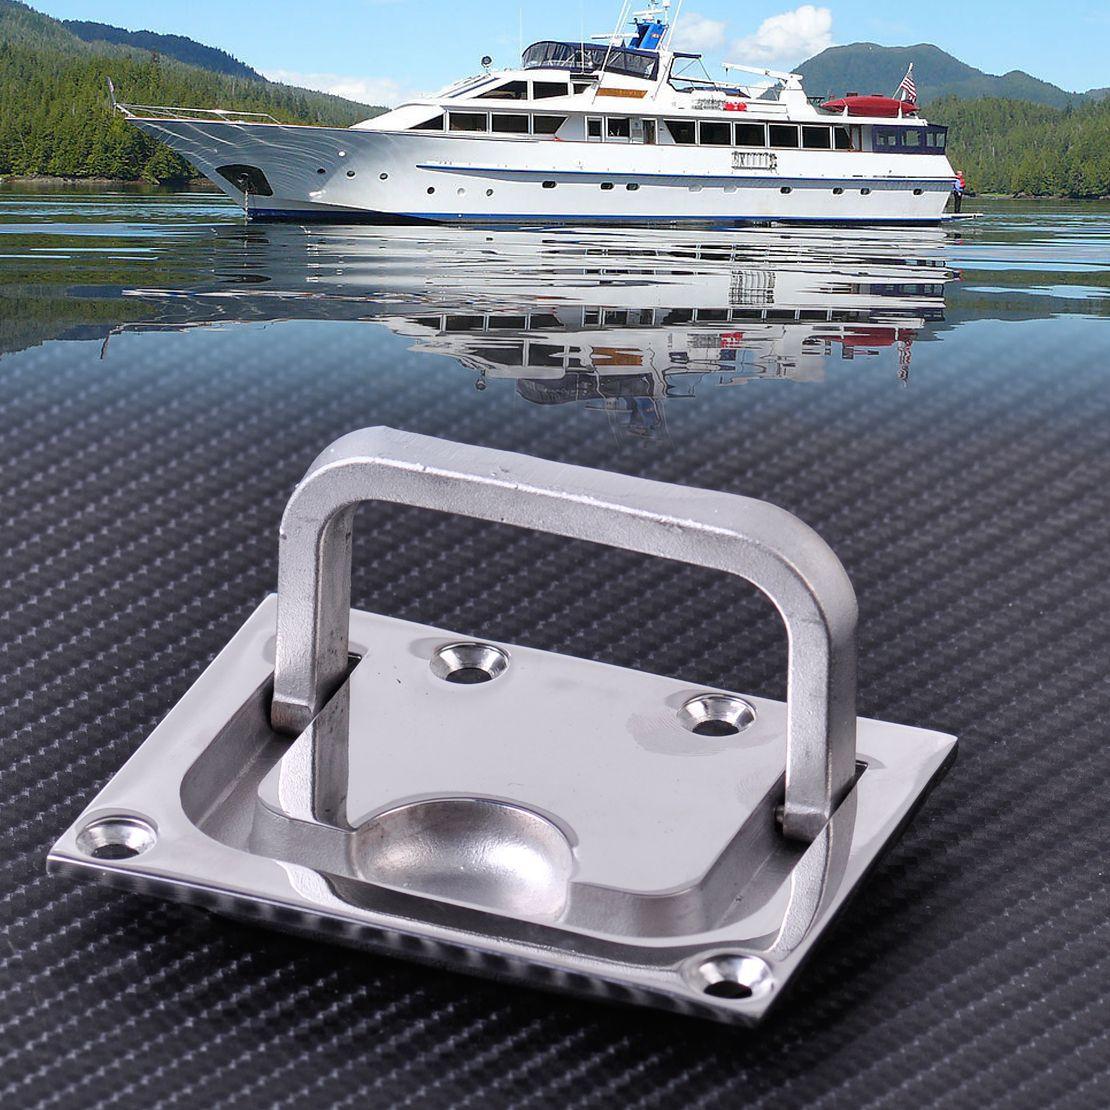 Citall Высокое качество 316 Нержавеющаясталь для лодки морской Caravan флеш люк шкафчик шкаф Лифт тянуть ручки Аппаратные средства